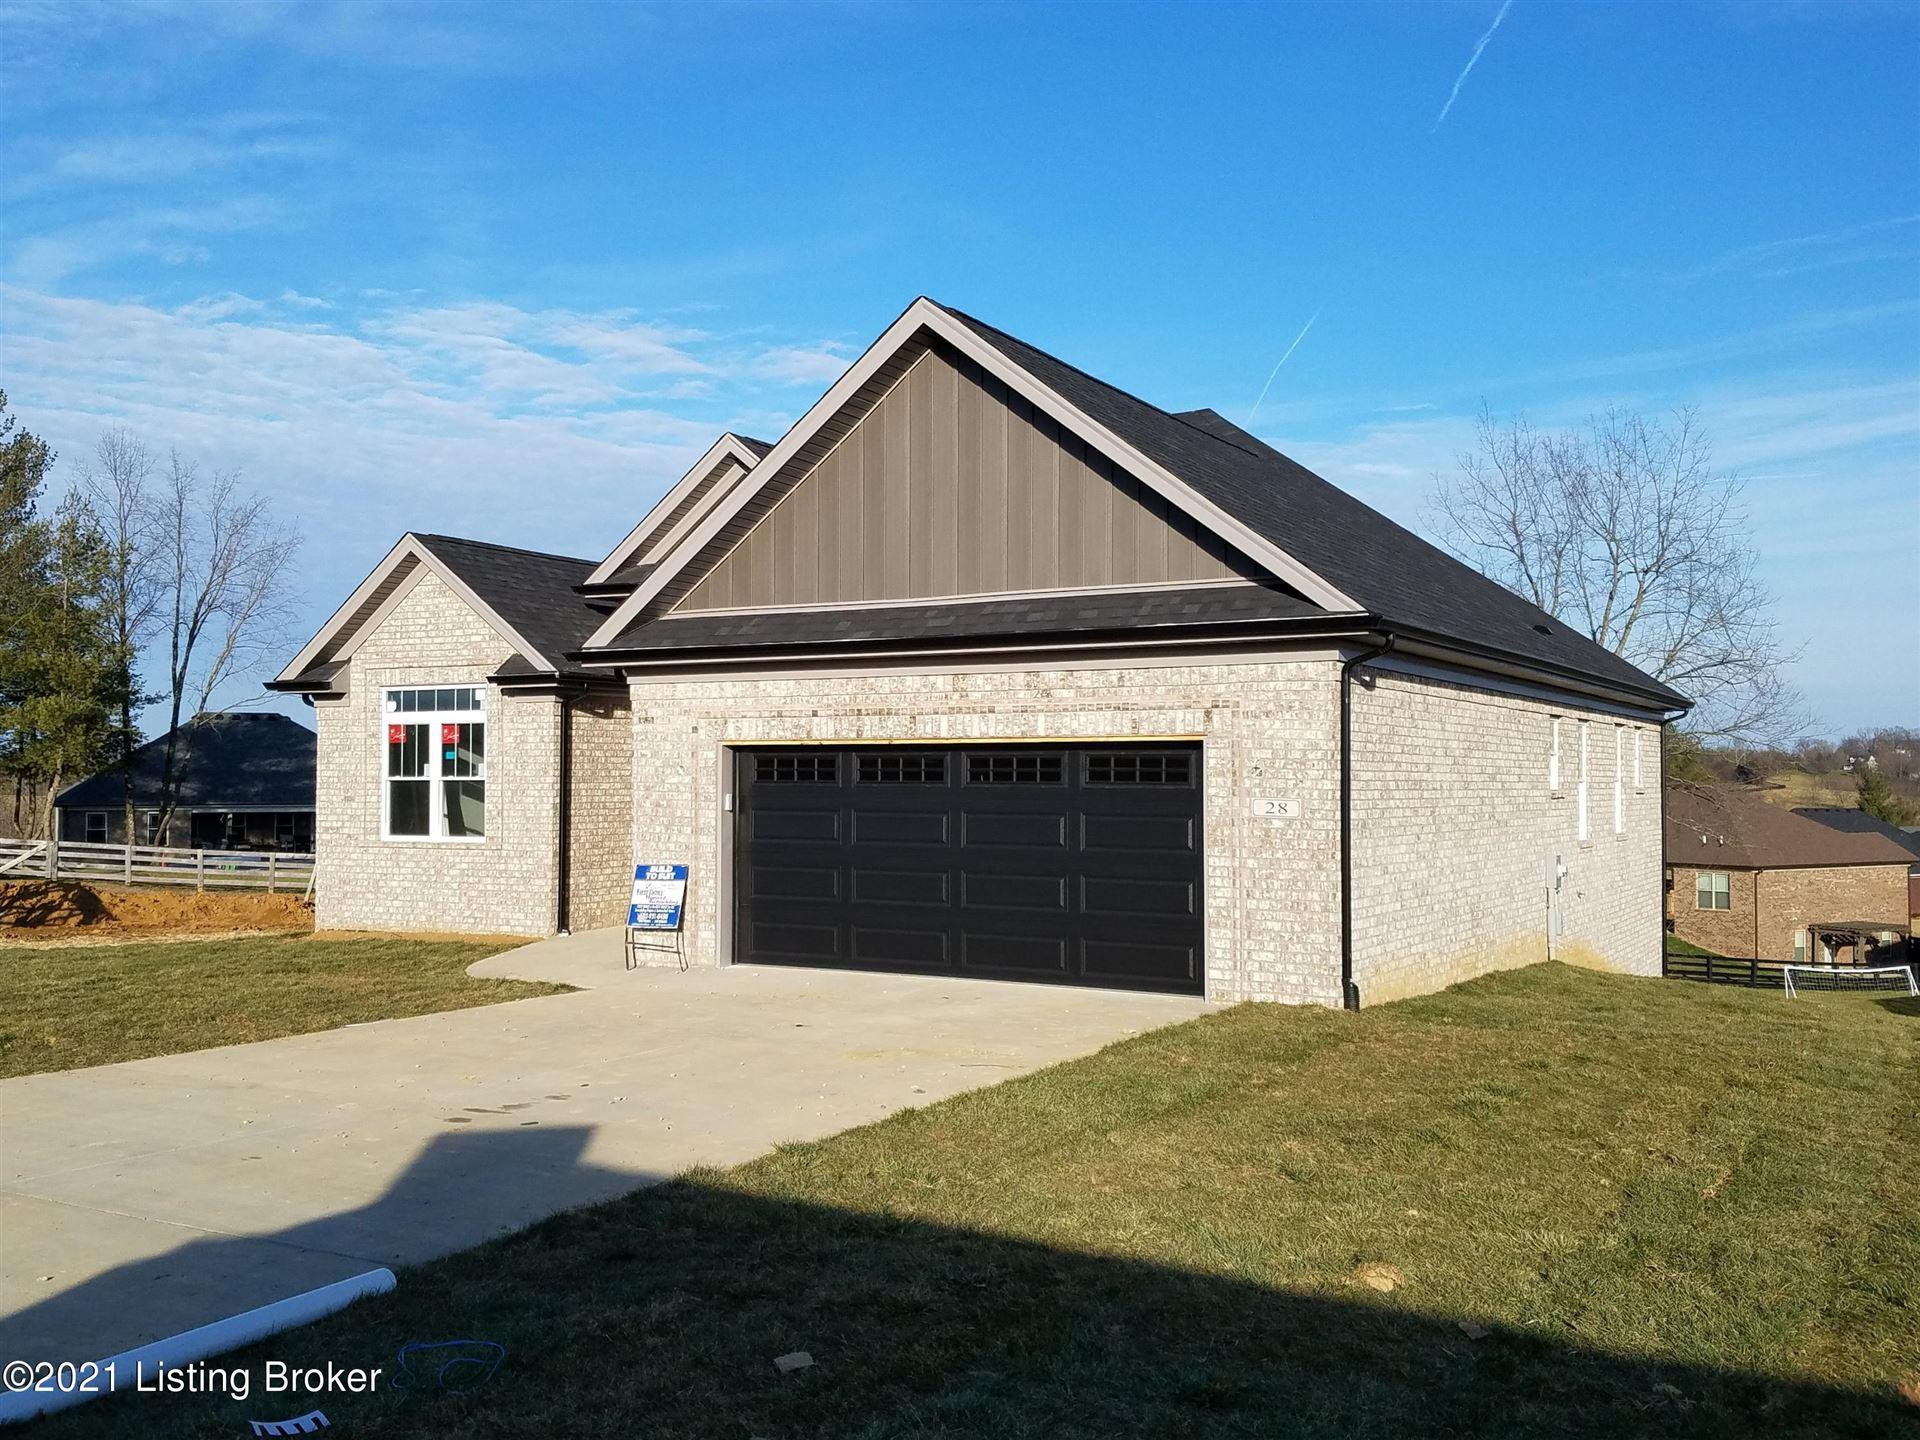 Photo of Lot 62 Birdseye Ct, Taylorsville, KY 40071 (MLS # 1577303)